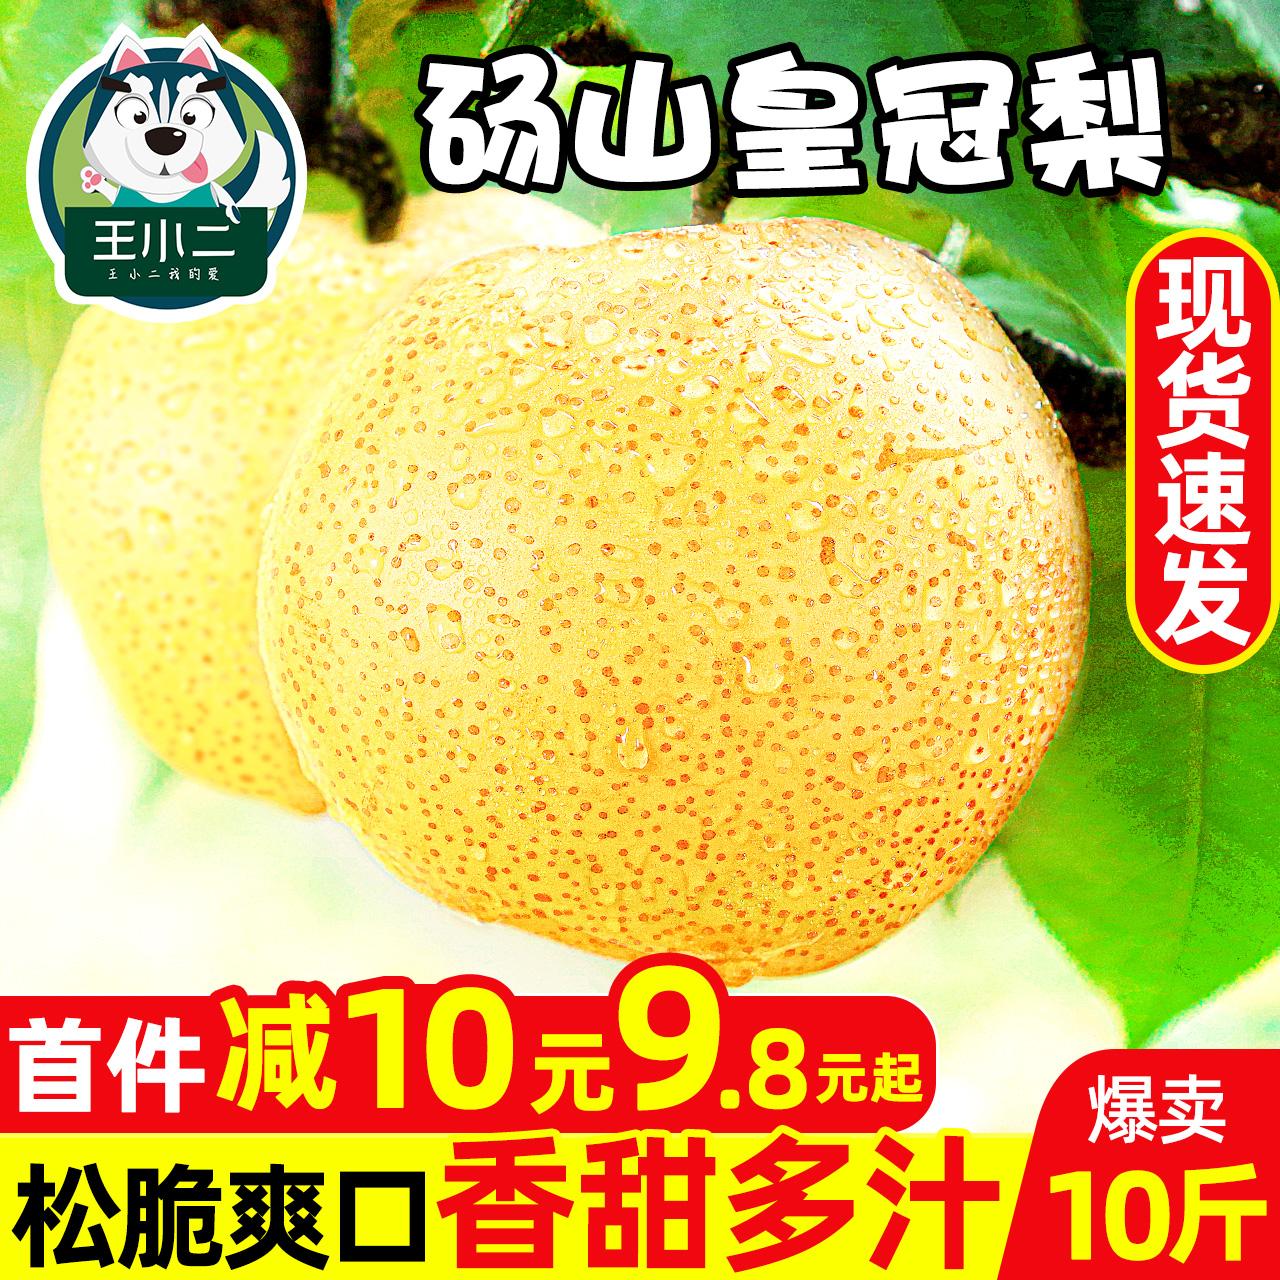 安徽皇冠梨新鲜10斤梨子砀山脆梨当季水果雪梨黄皮香甜梨整箱包邮